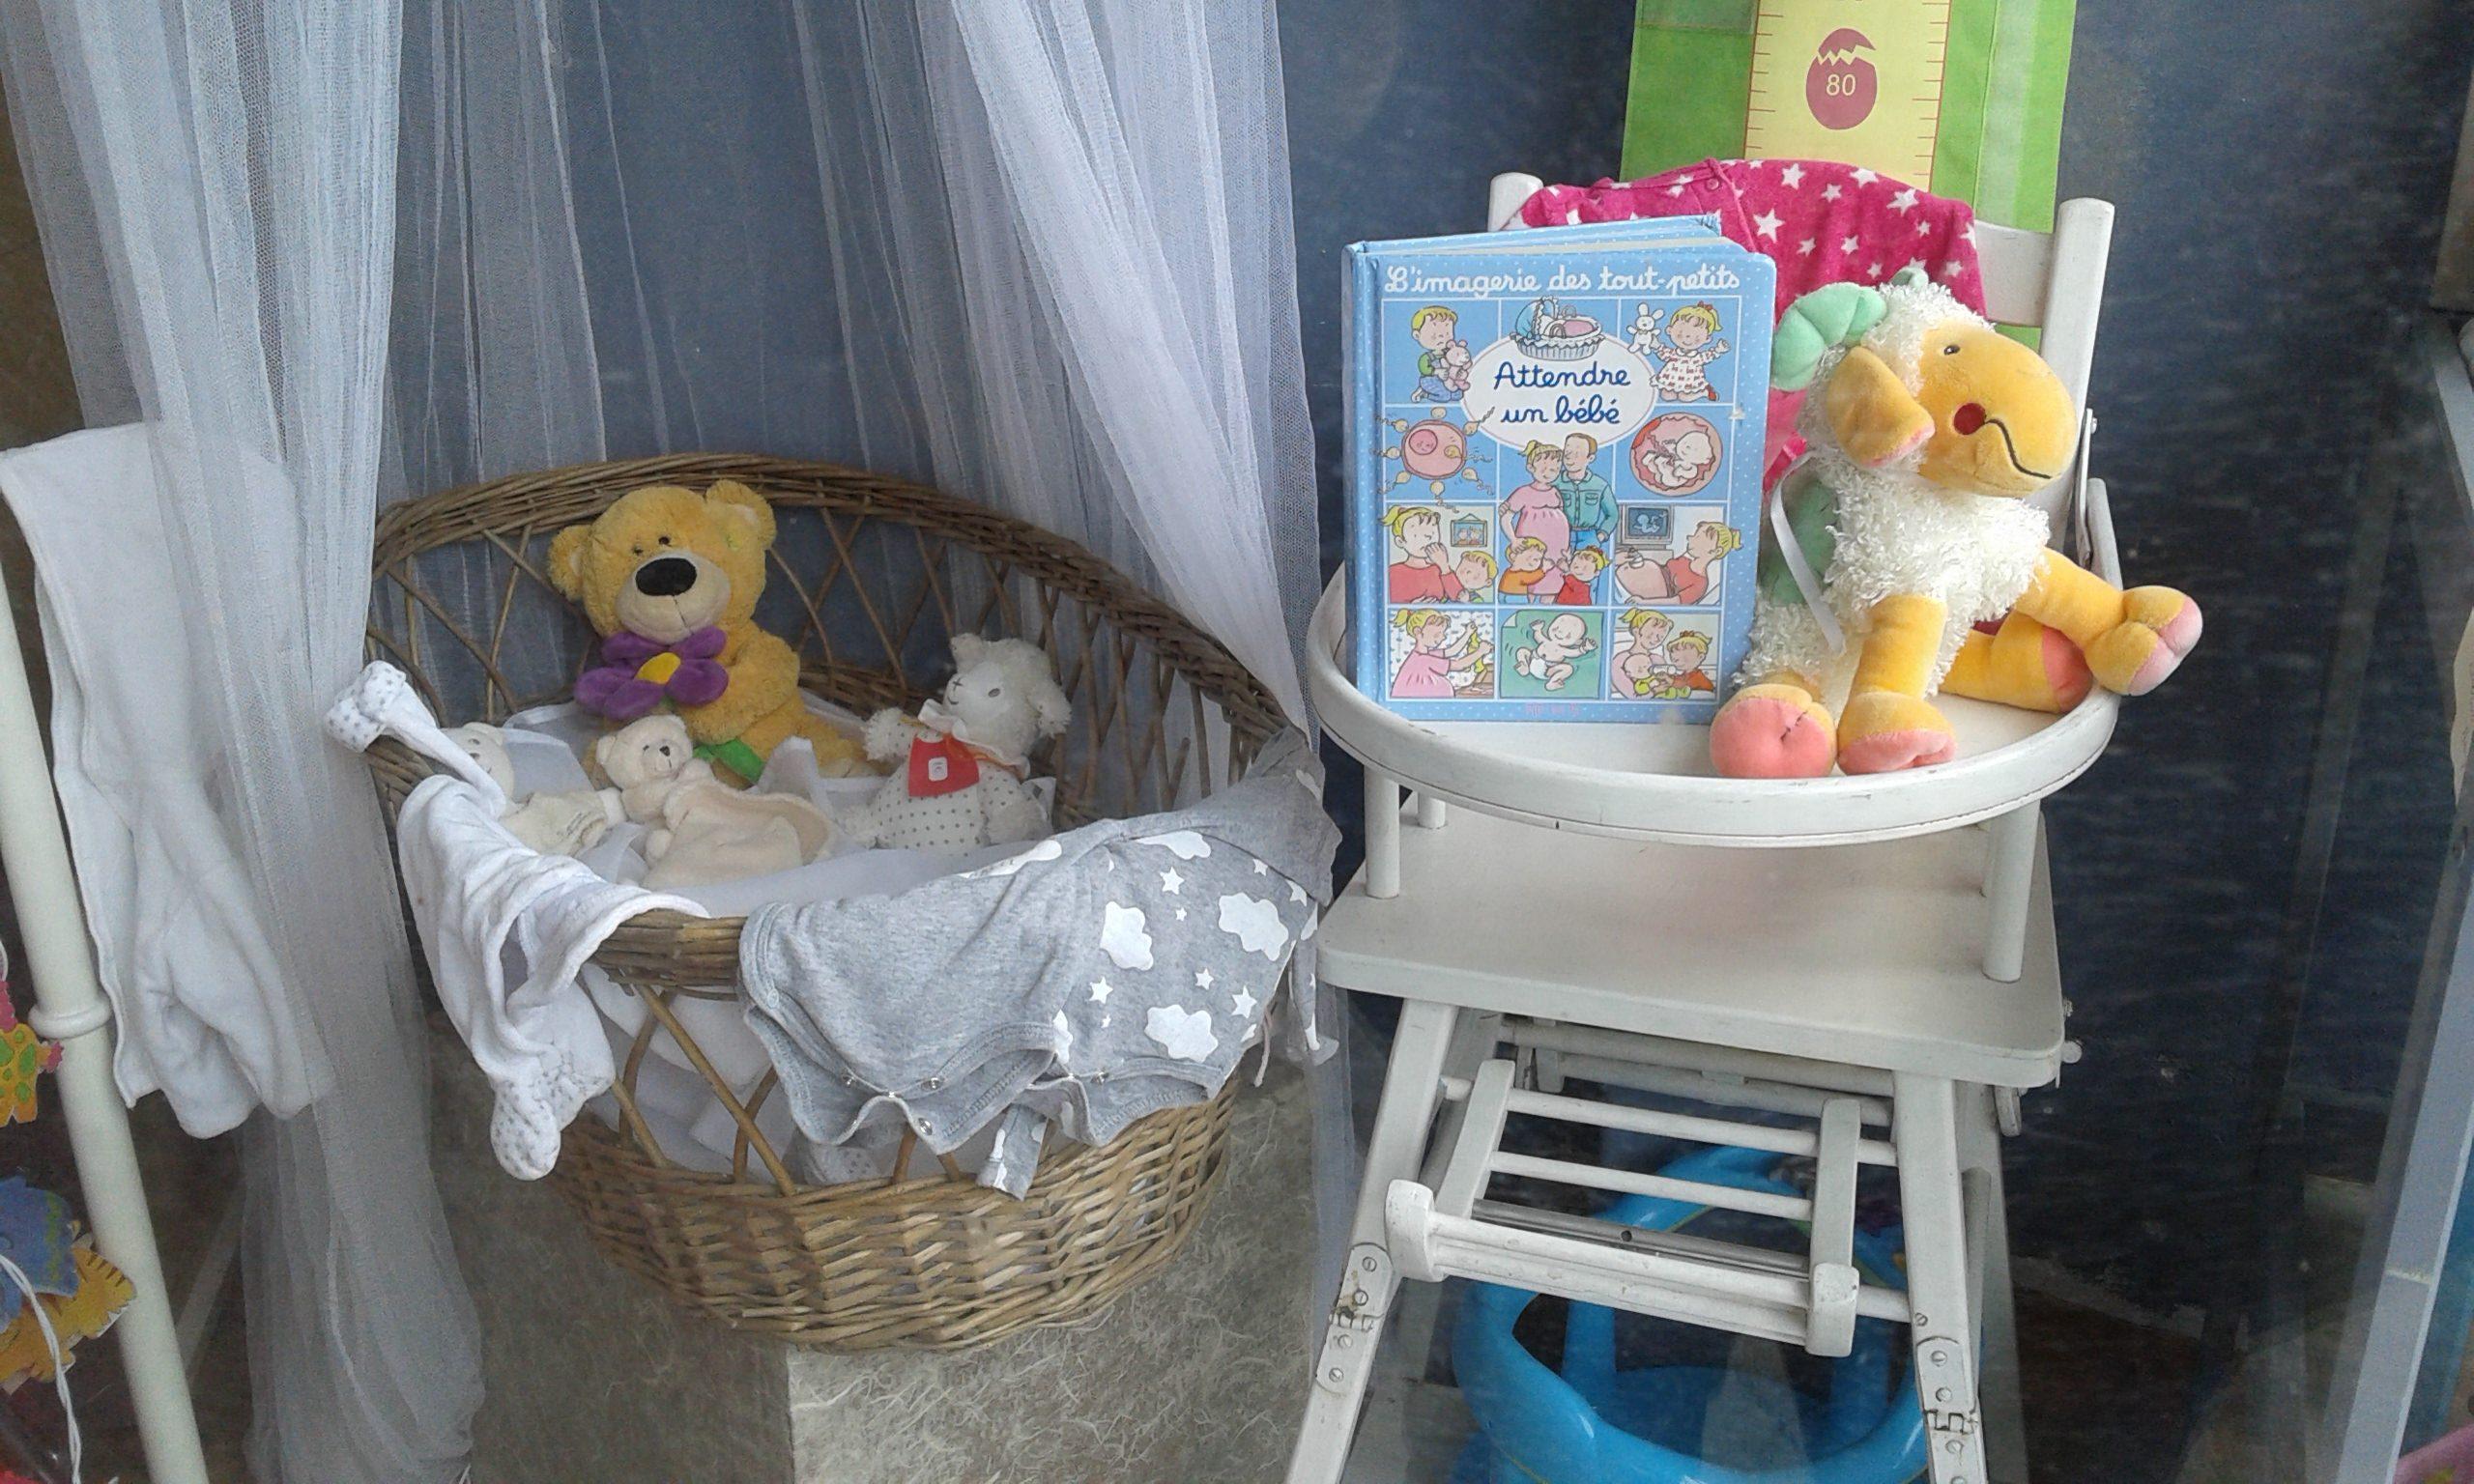 Enfant peluche vitrine recyclerie au bonheur des bennes 44 Saint-Nazaire